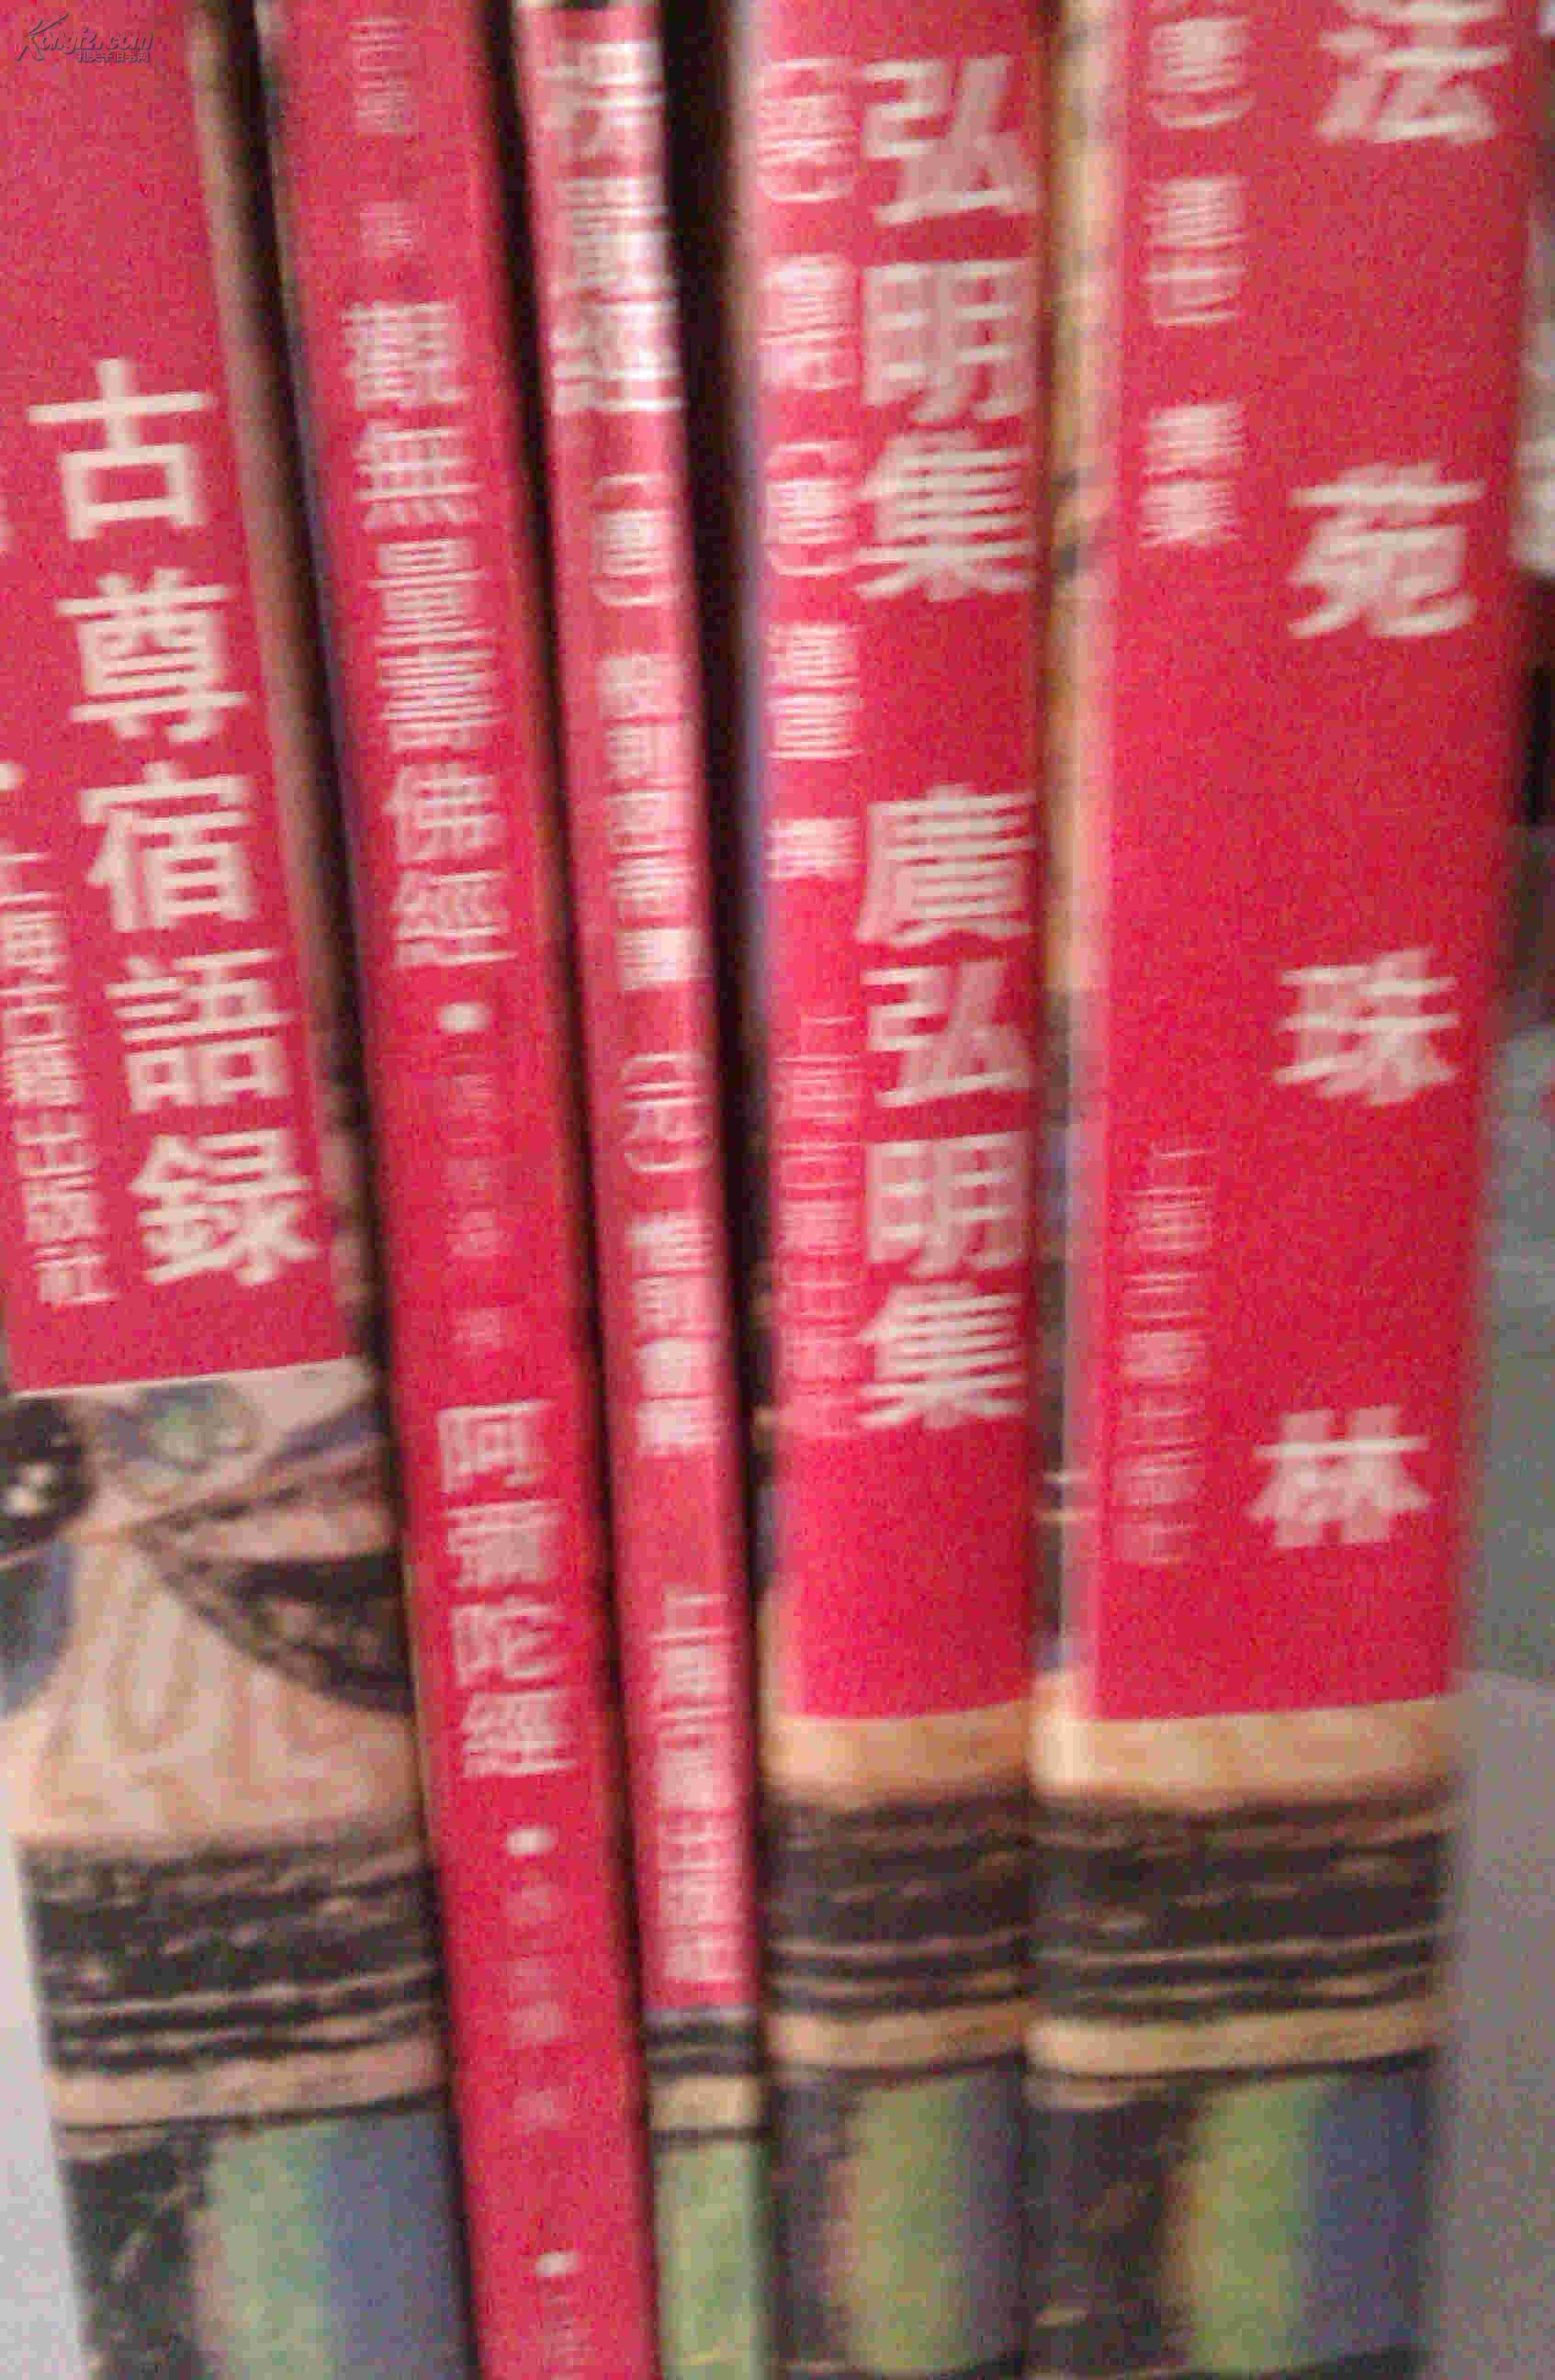 法苑珠林、弘明集广弘明集、楞严经、古尊宿语录、无量寿经等5册合售 上海古籍出版社一版一印